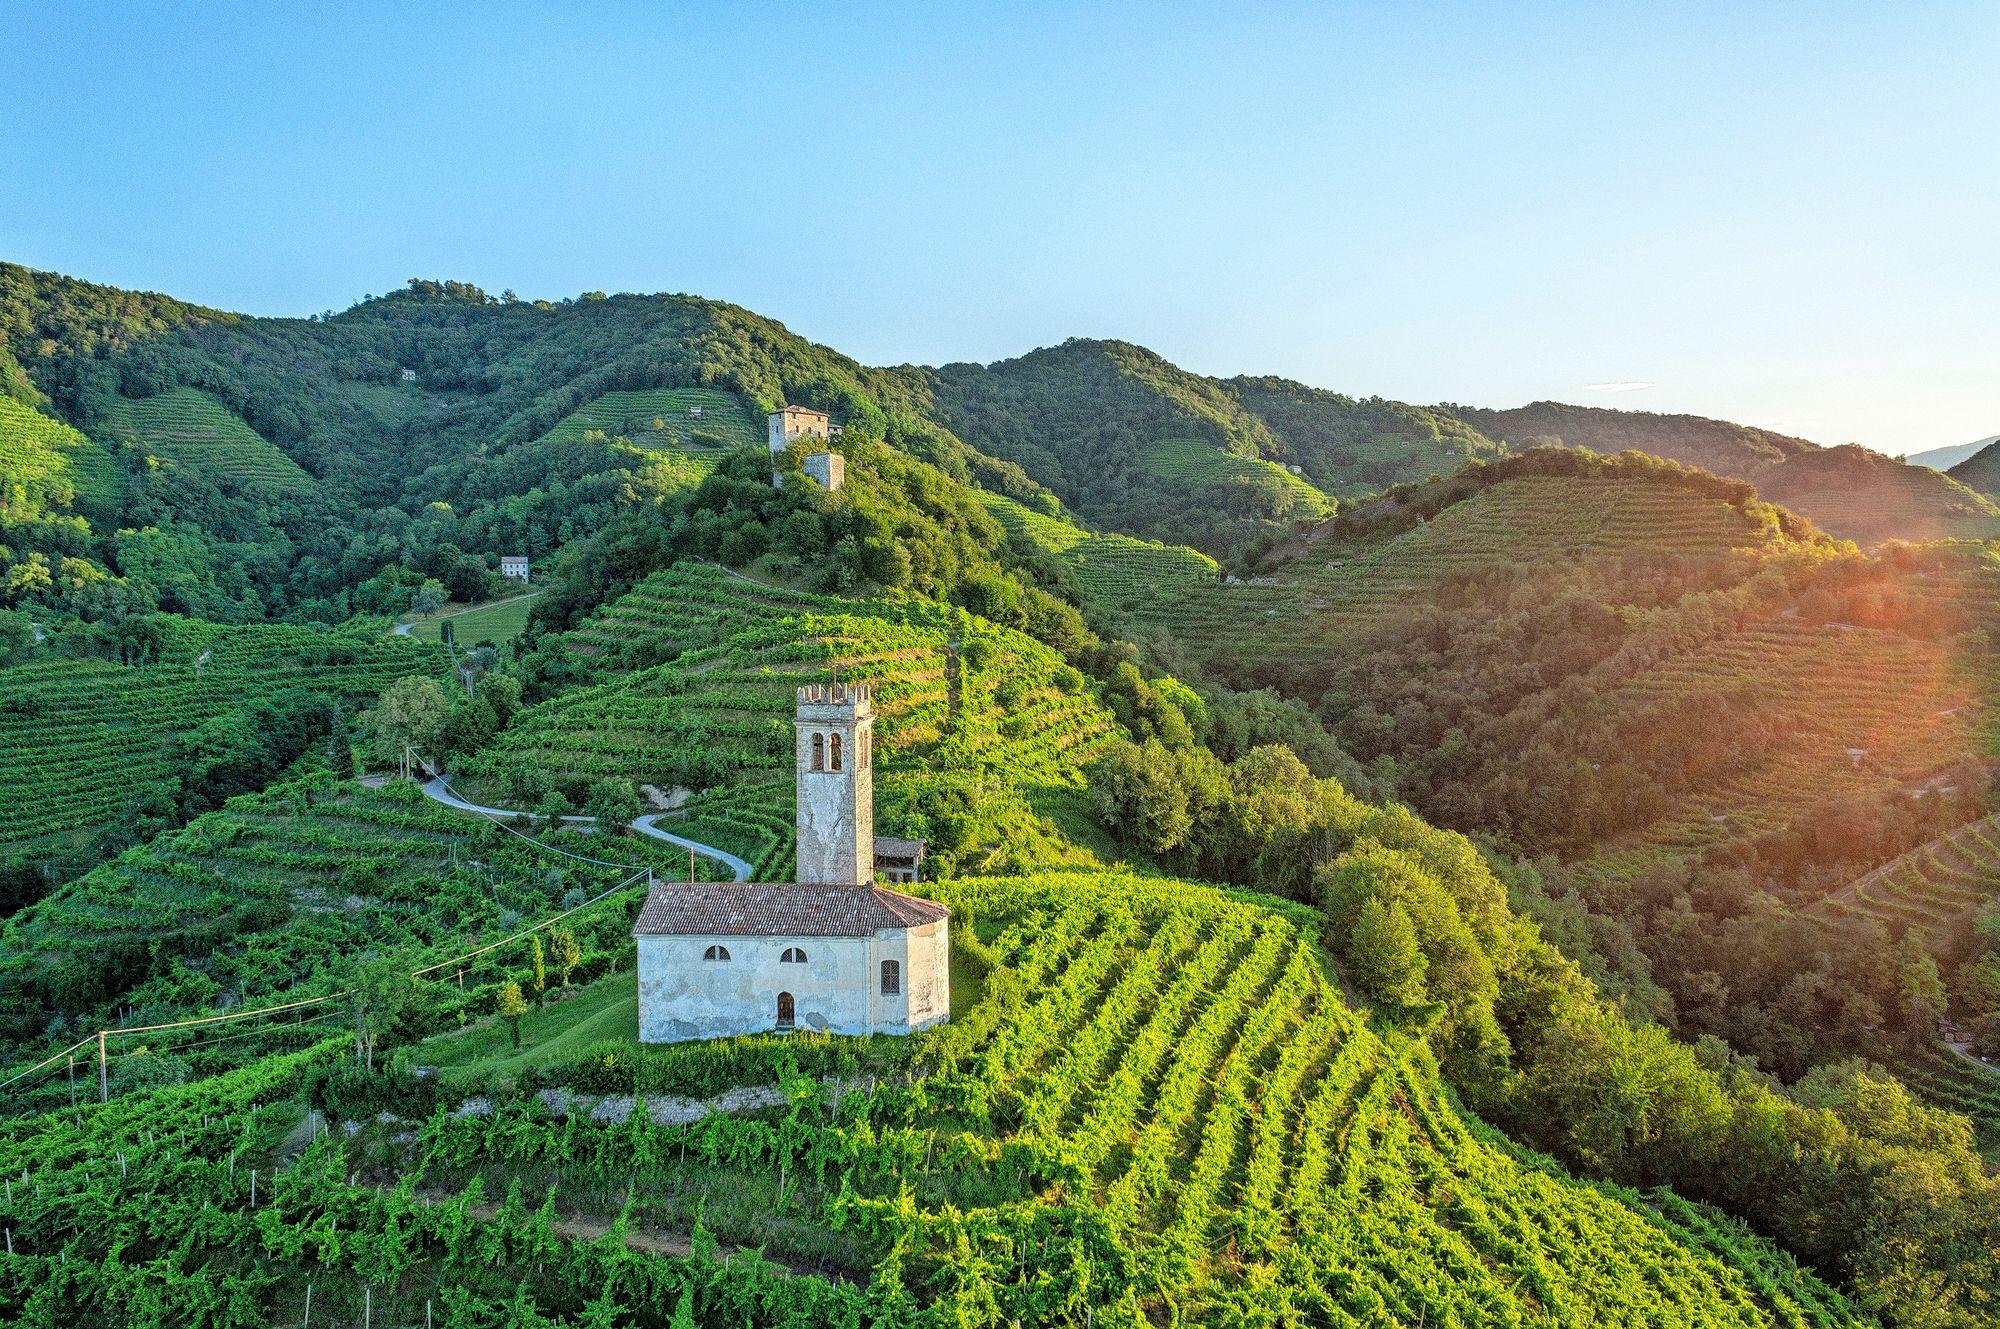 Trevison maakunnassa sijaitseva Valdobbiadene ja sen lähiseutu on Italian arvostetuinta prosecco-aluetta. © Arcangelo Piai